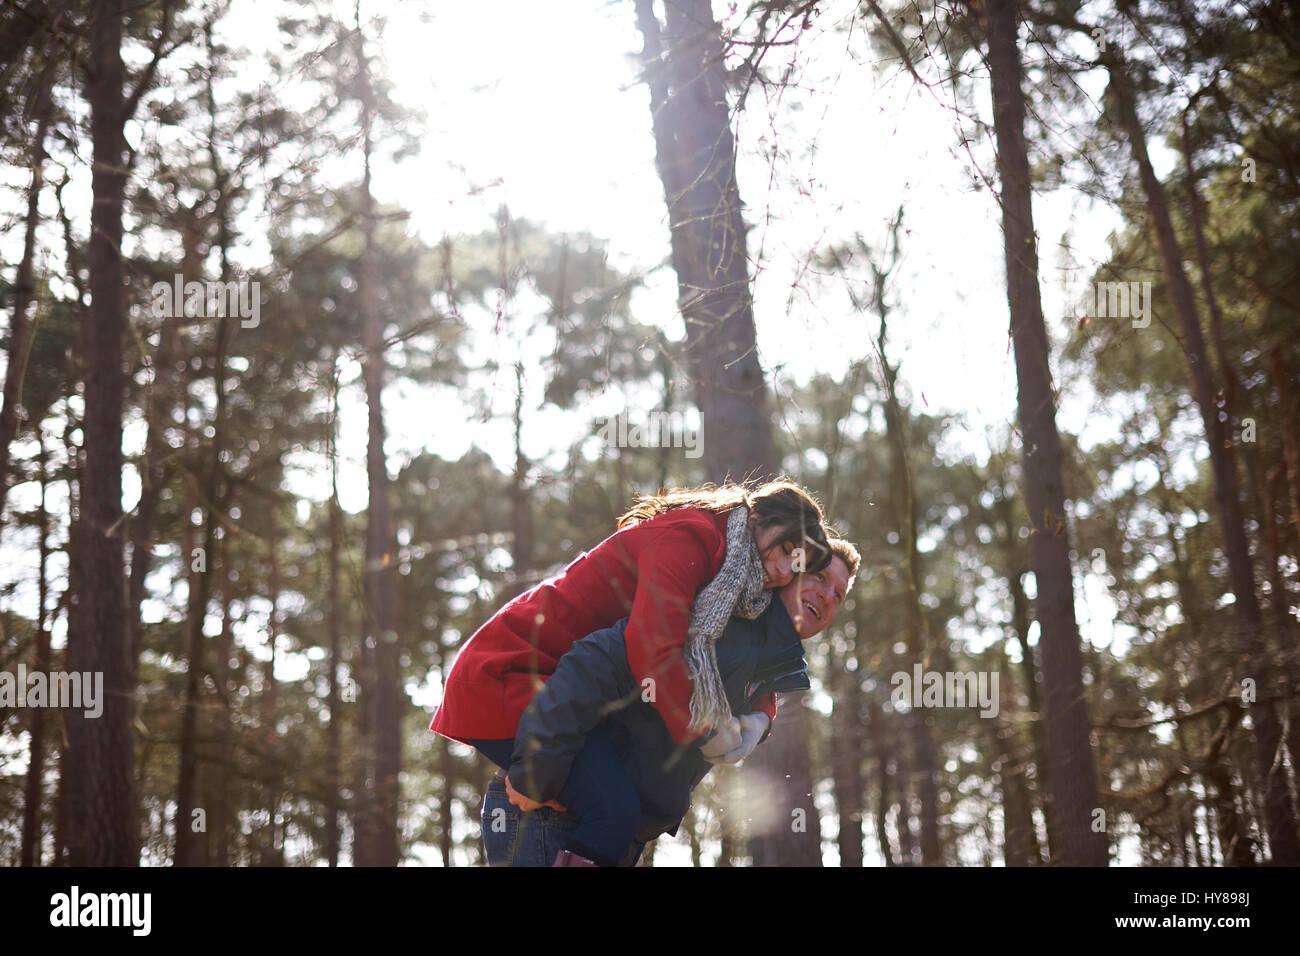 Ein Mann gibt seine weiblichen partner ein Schweinchen zurück auf einen Spaziergang im Wald Stockbild